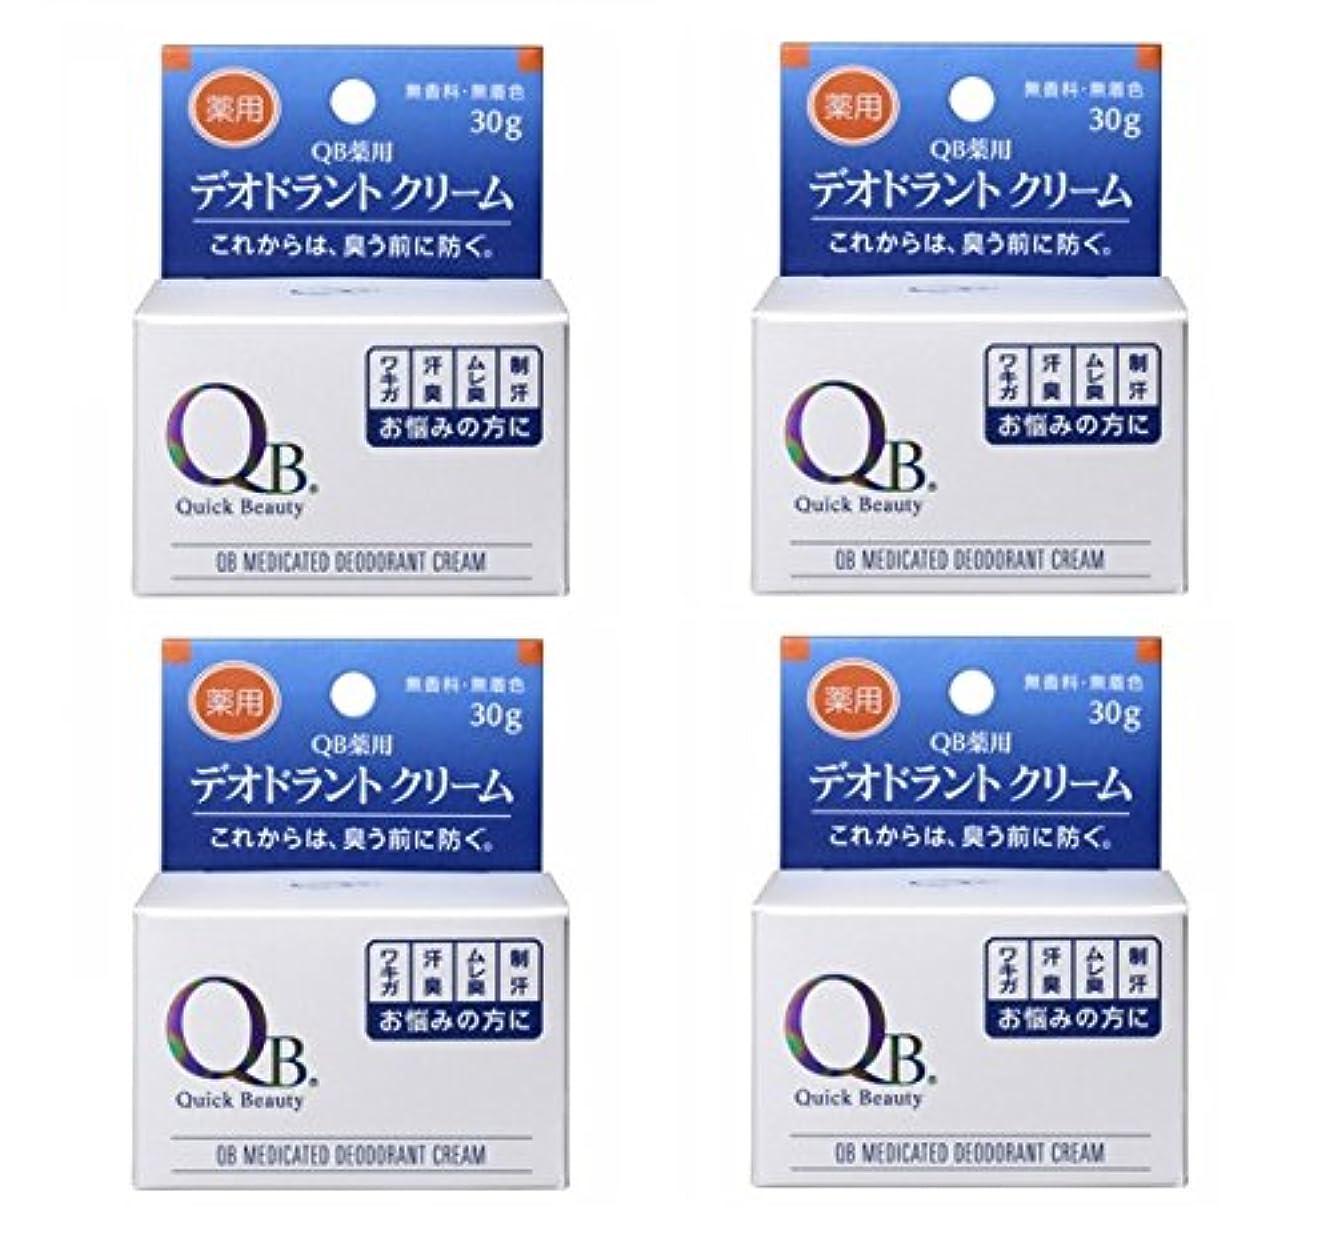 しっかり里親称賛【×4個】 QB 薬用デオドラントクリーム 30g 【国内正規品】